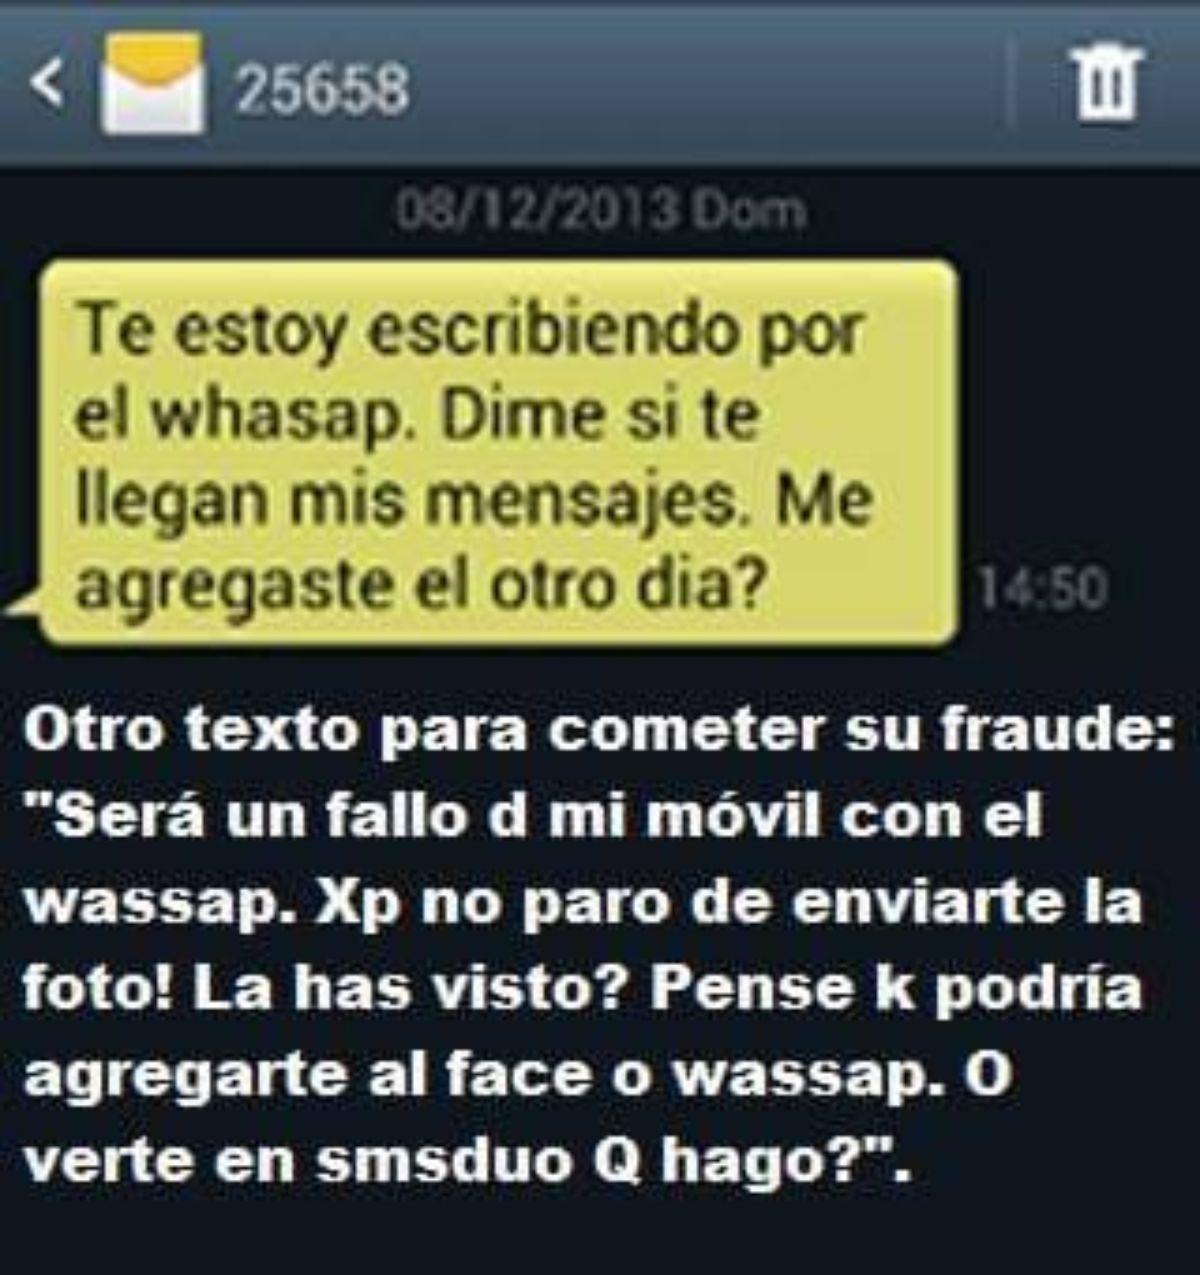 Mensaje al WhatsApp con el fraude del número de SMS Premium 25568.